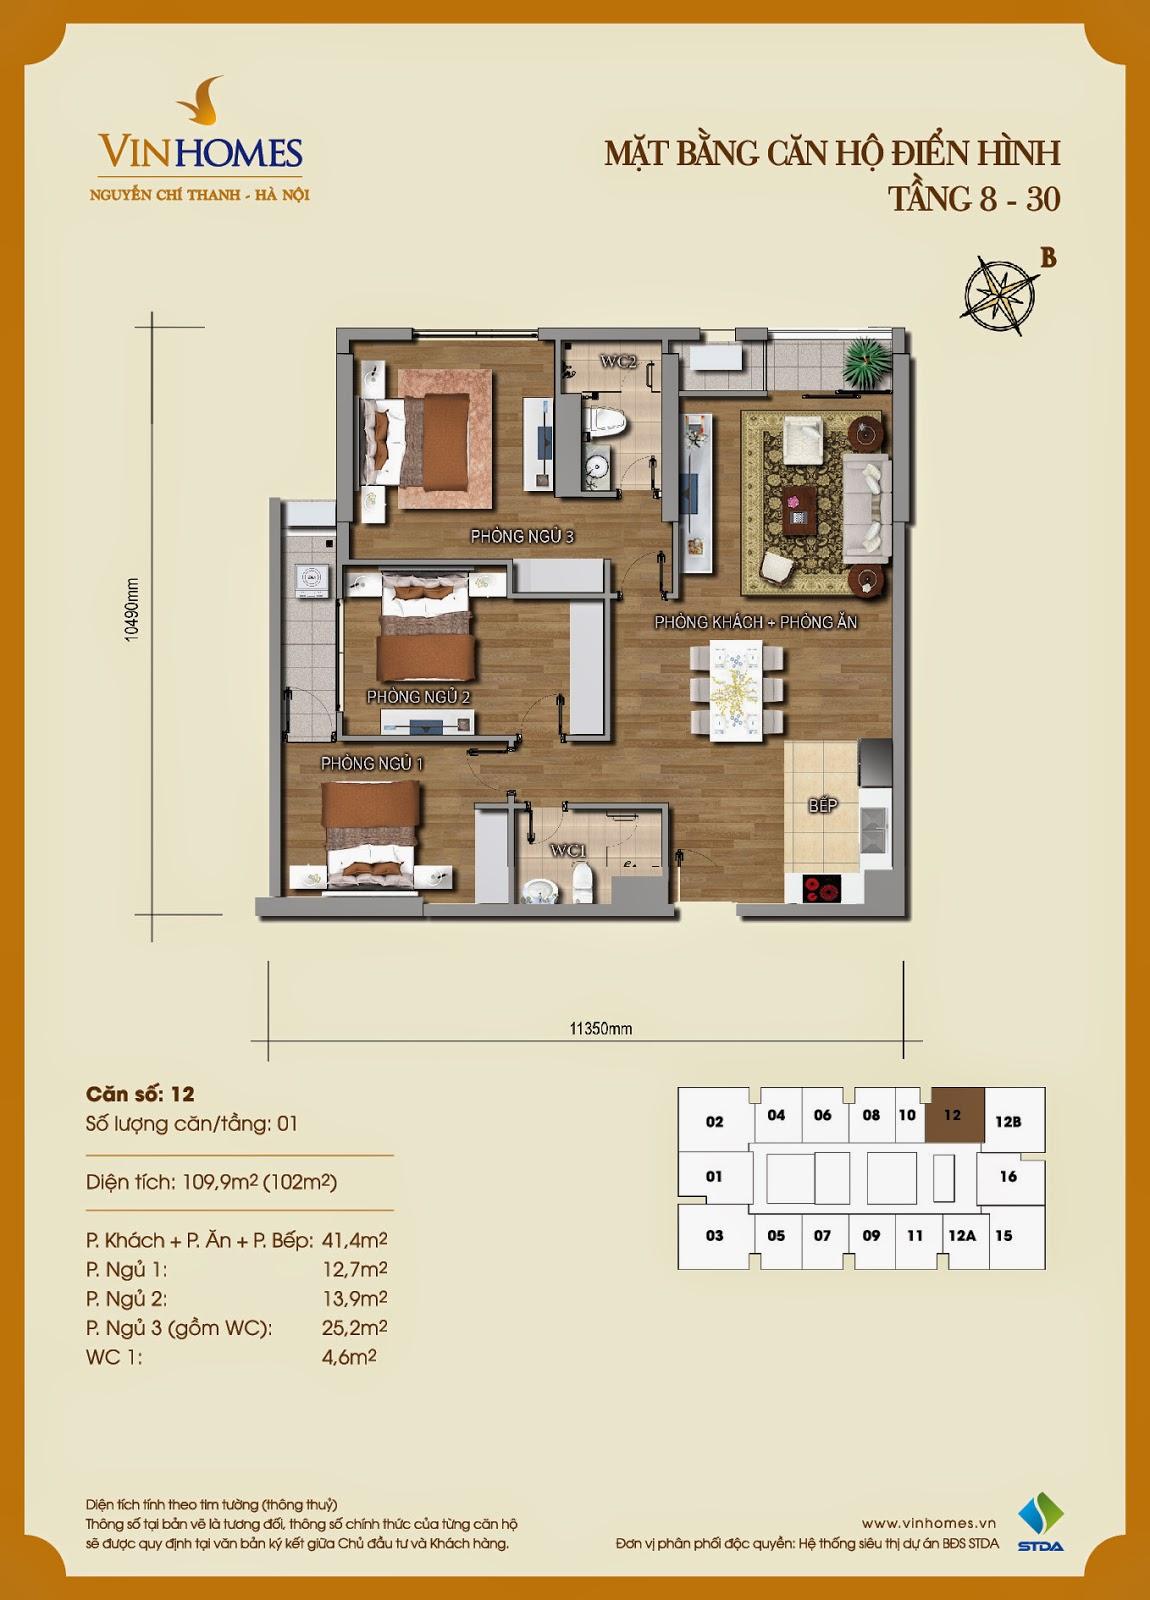 Mặt bằng chi tiết căn hộ 12 Vinhomes Nguyễn Chí Thanh